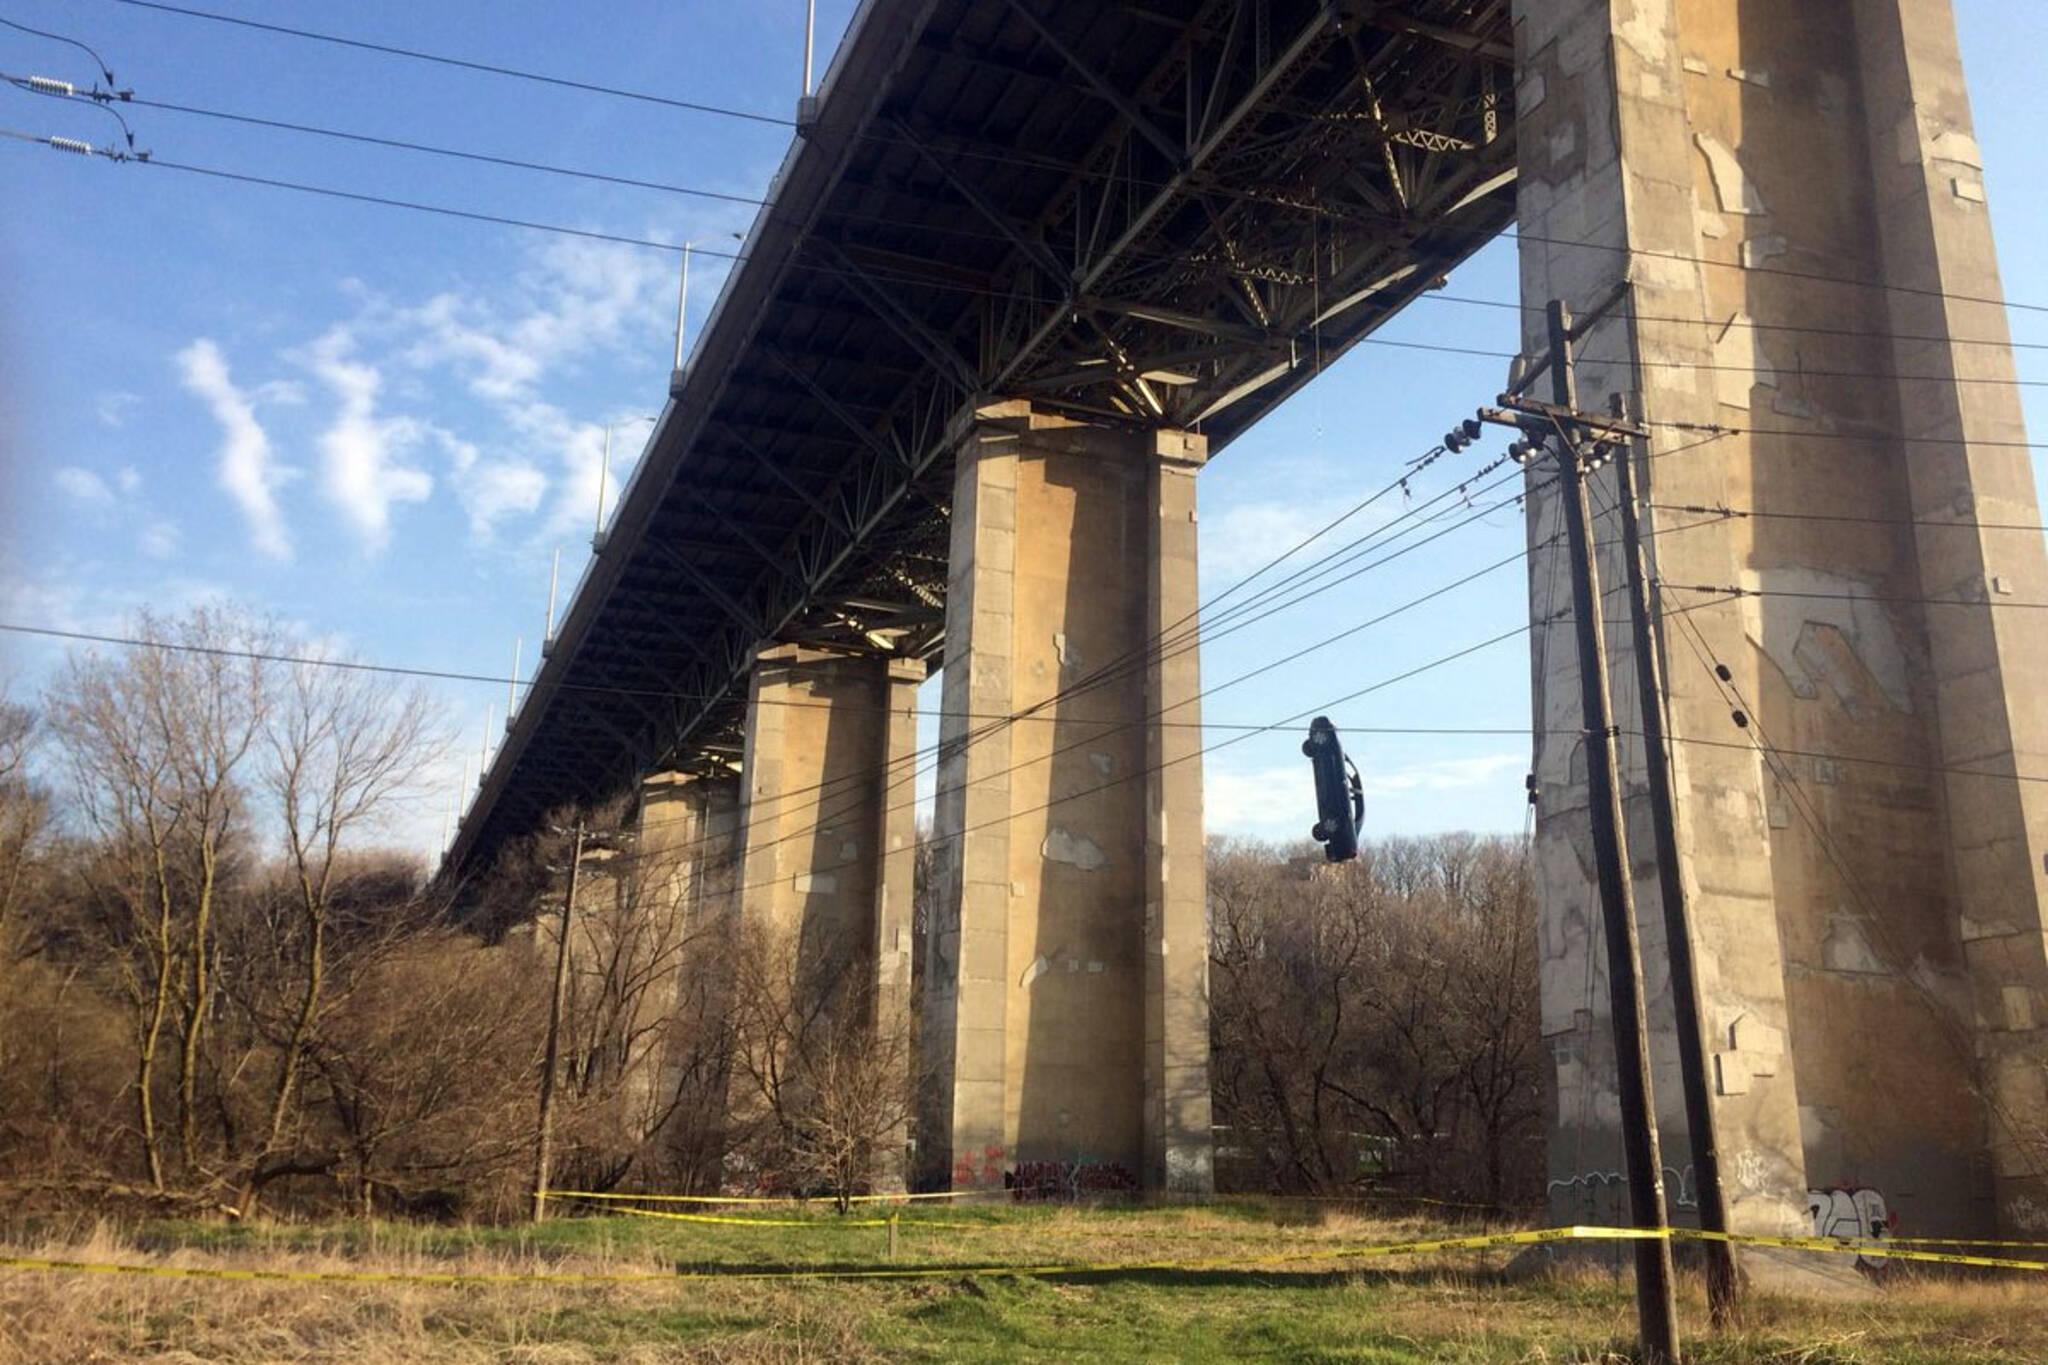 Car dangling off bridge